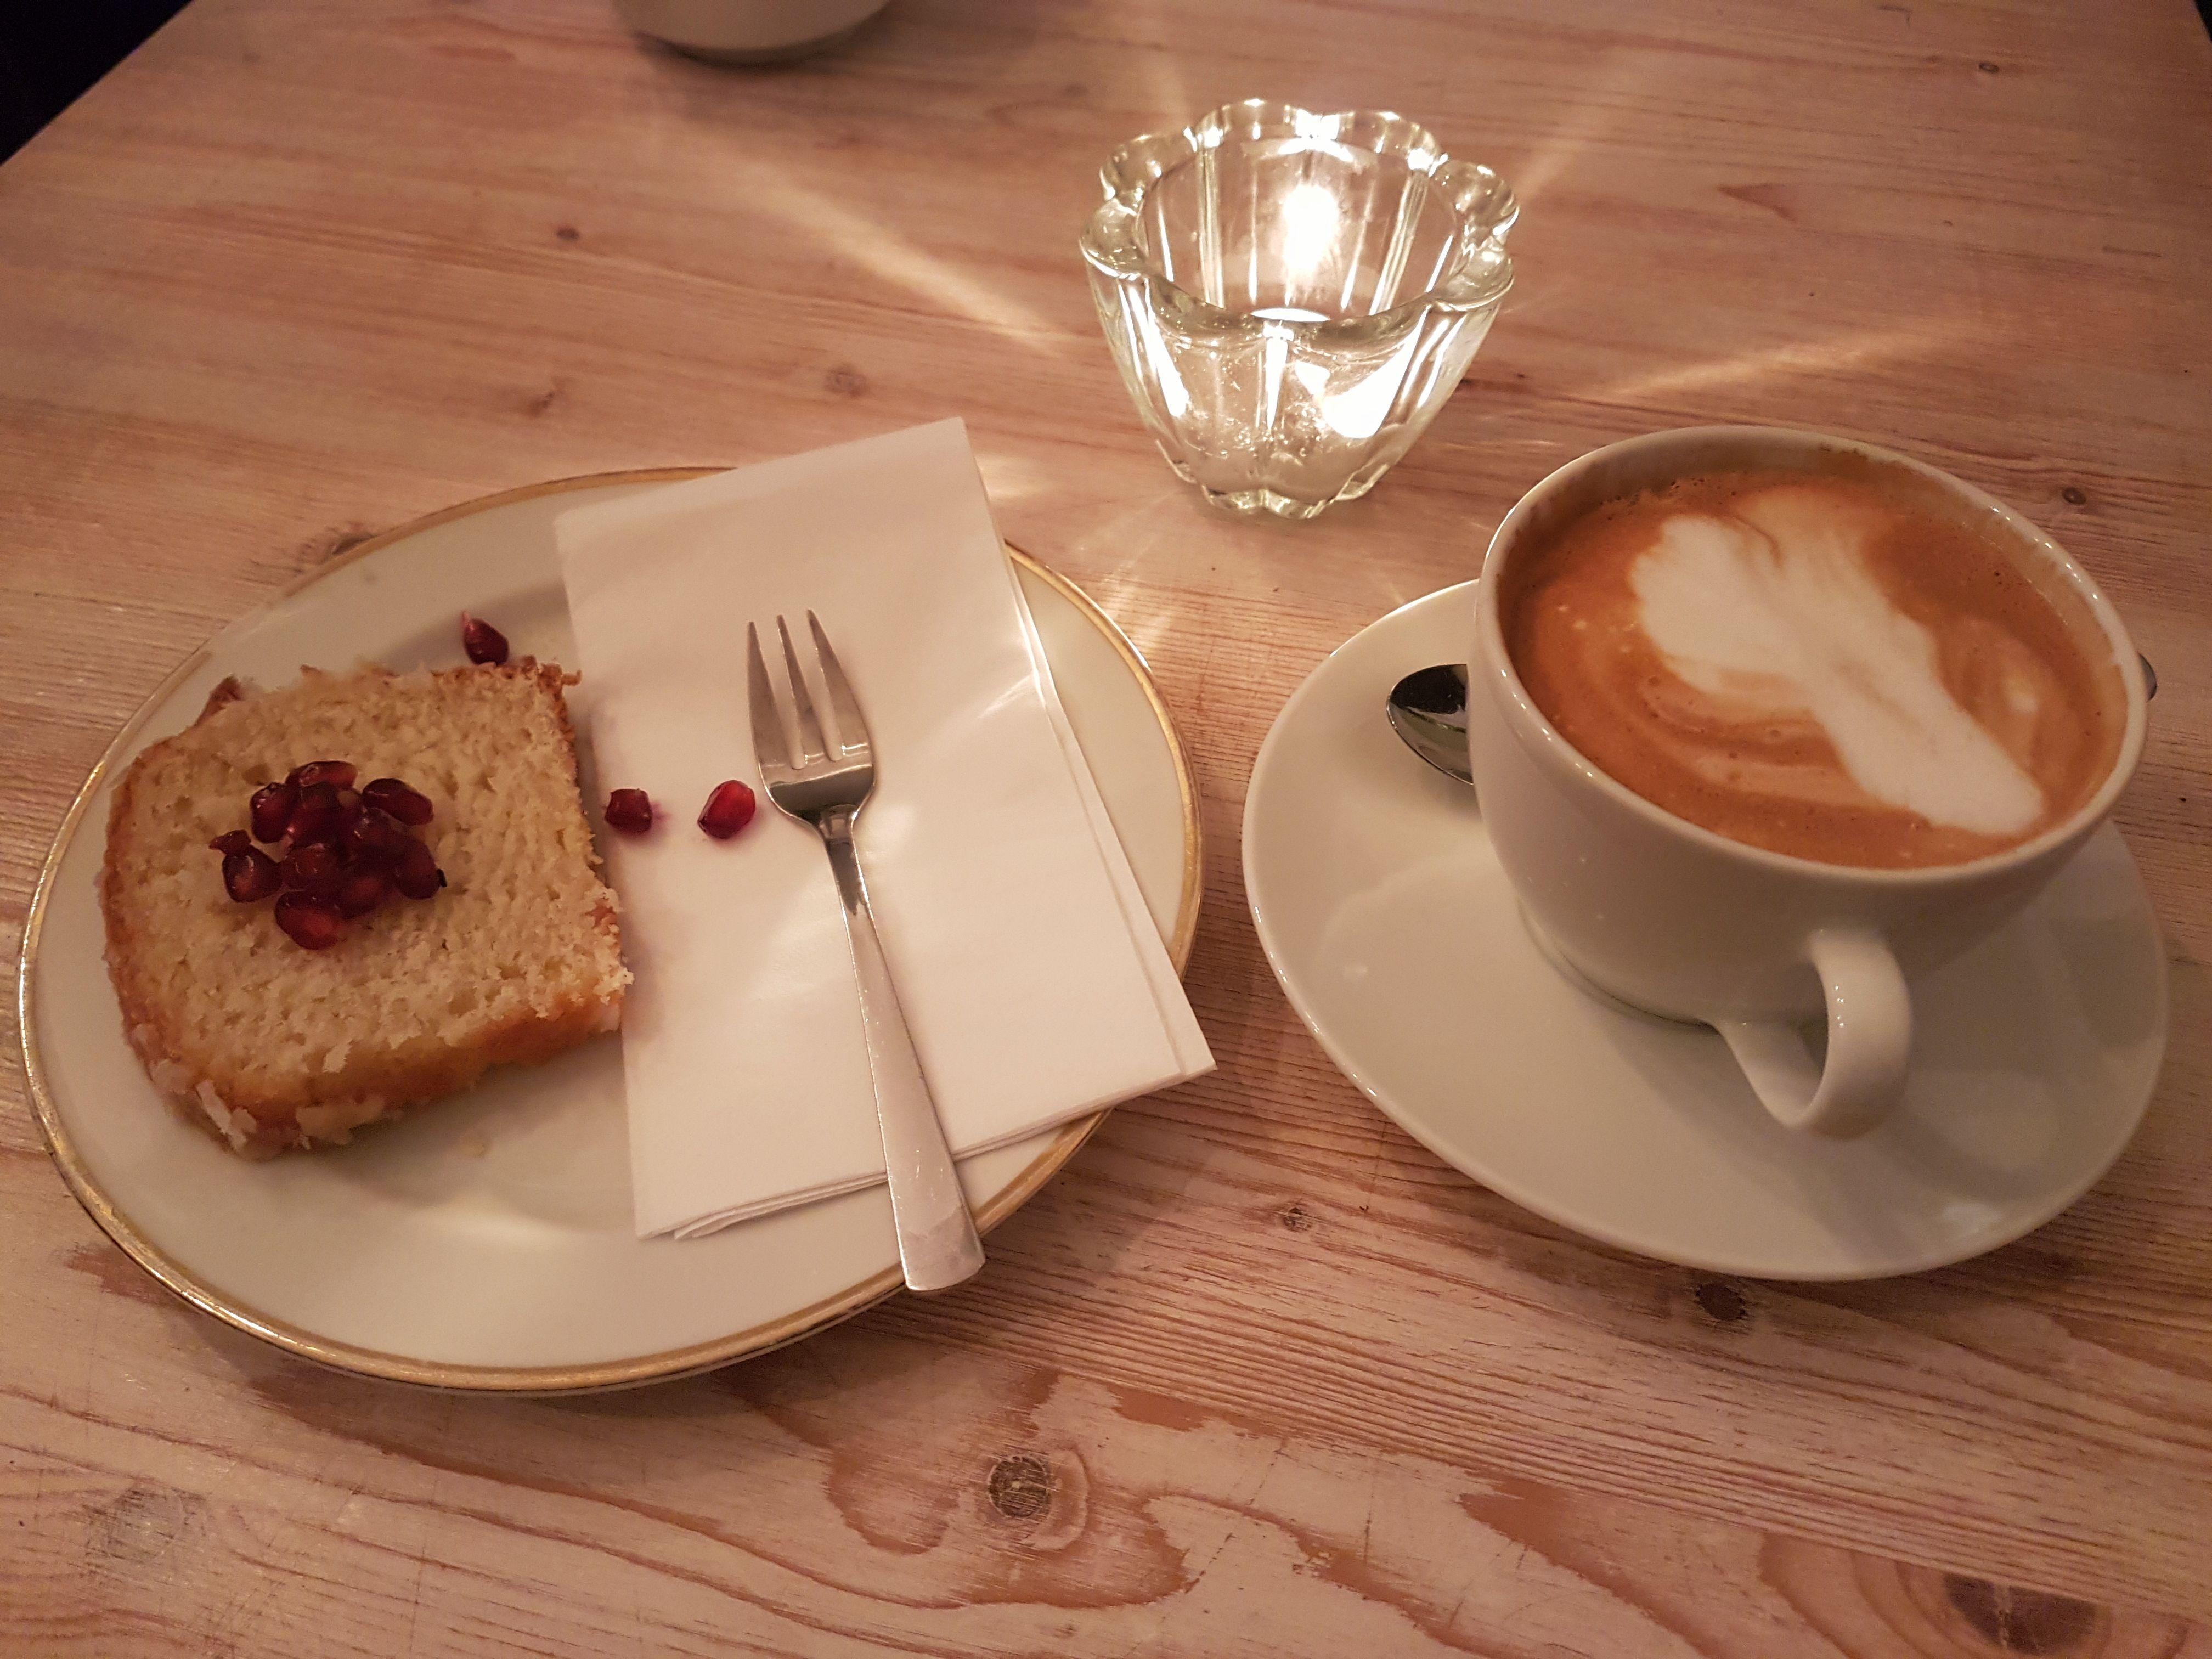 Neue Liebe cafe